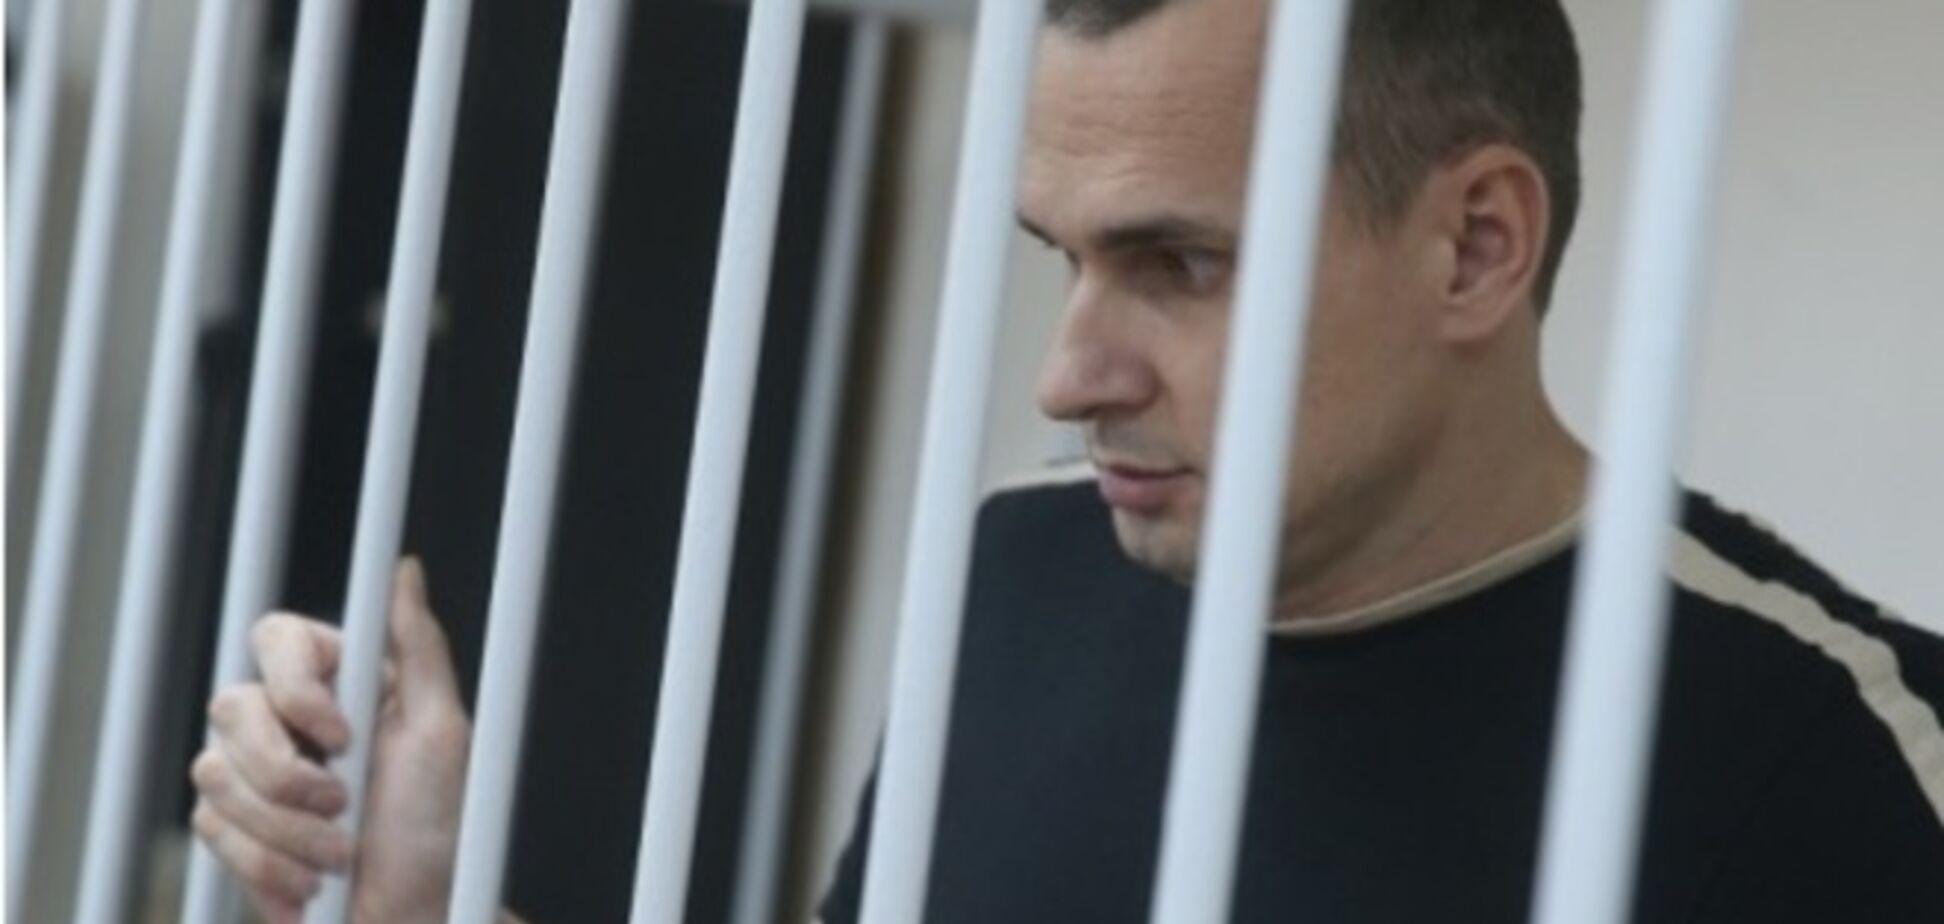 Обвиняемого в терроризме украинского режиссера будут держать в московской тюрьме до 11 апреля